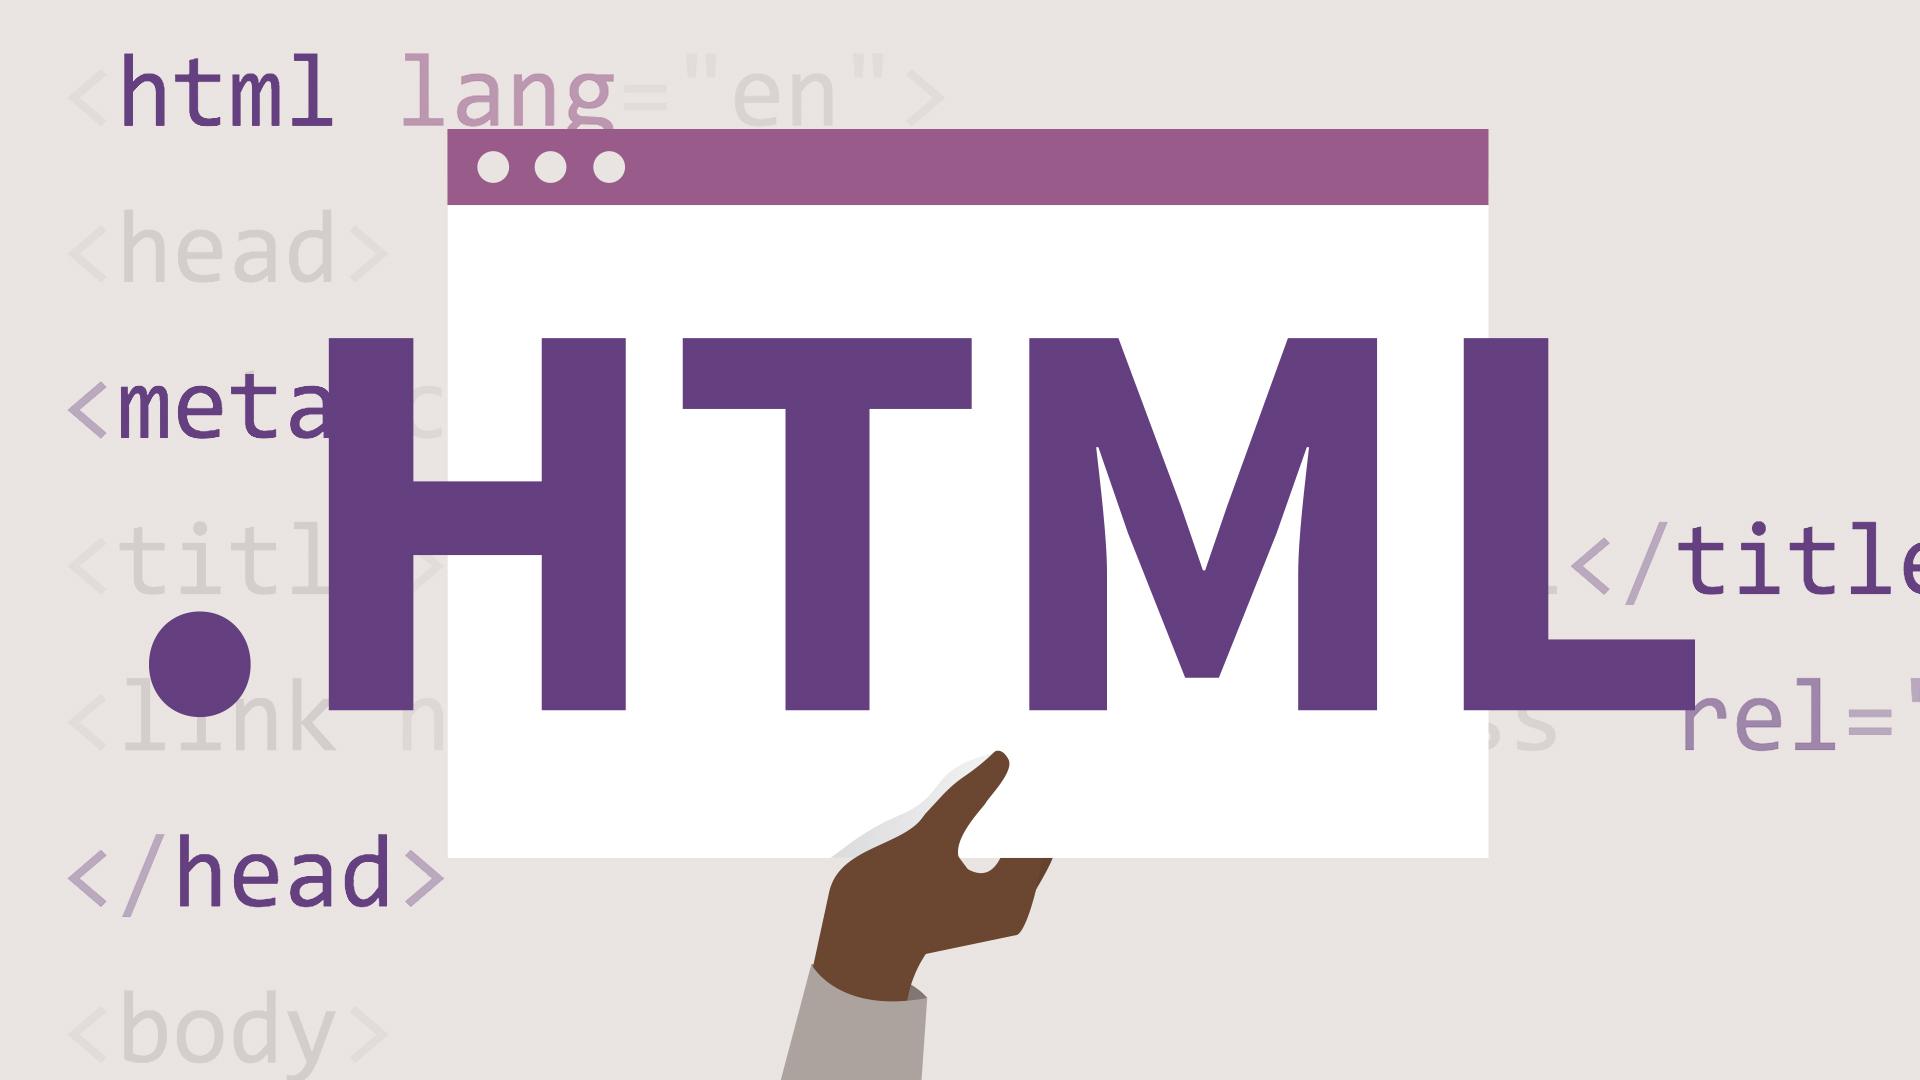 آیا HTML منسوخ شده است؟